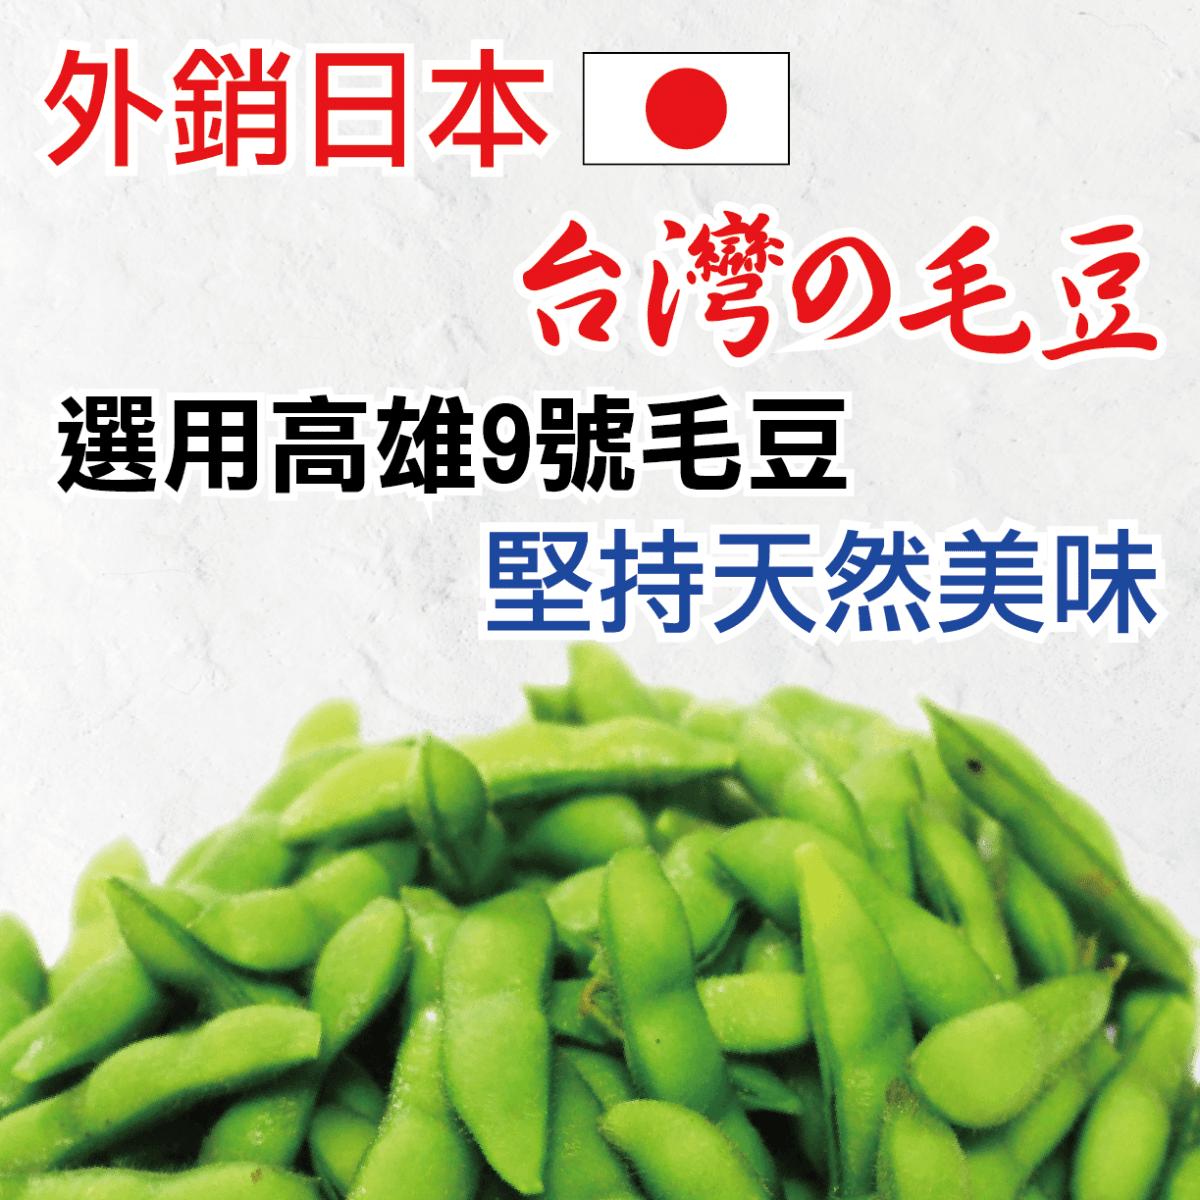 【田食原】新鮮冷凍毛豆仁 300g 養生即食 健康減醣 低碳飲食 健身餐  卵磷脂  冷凍蔬菜 2